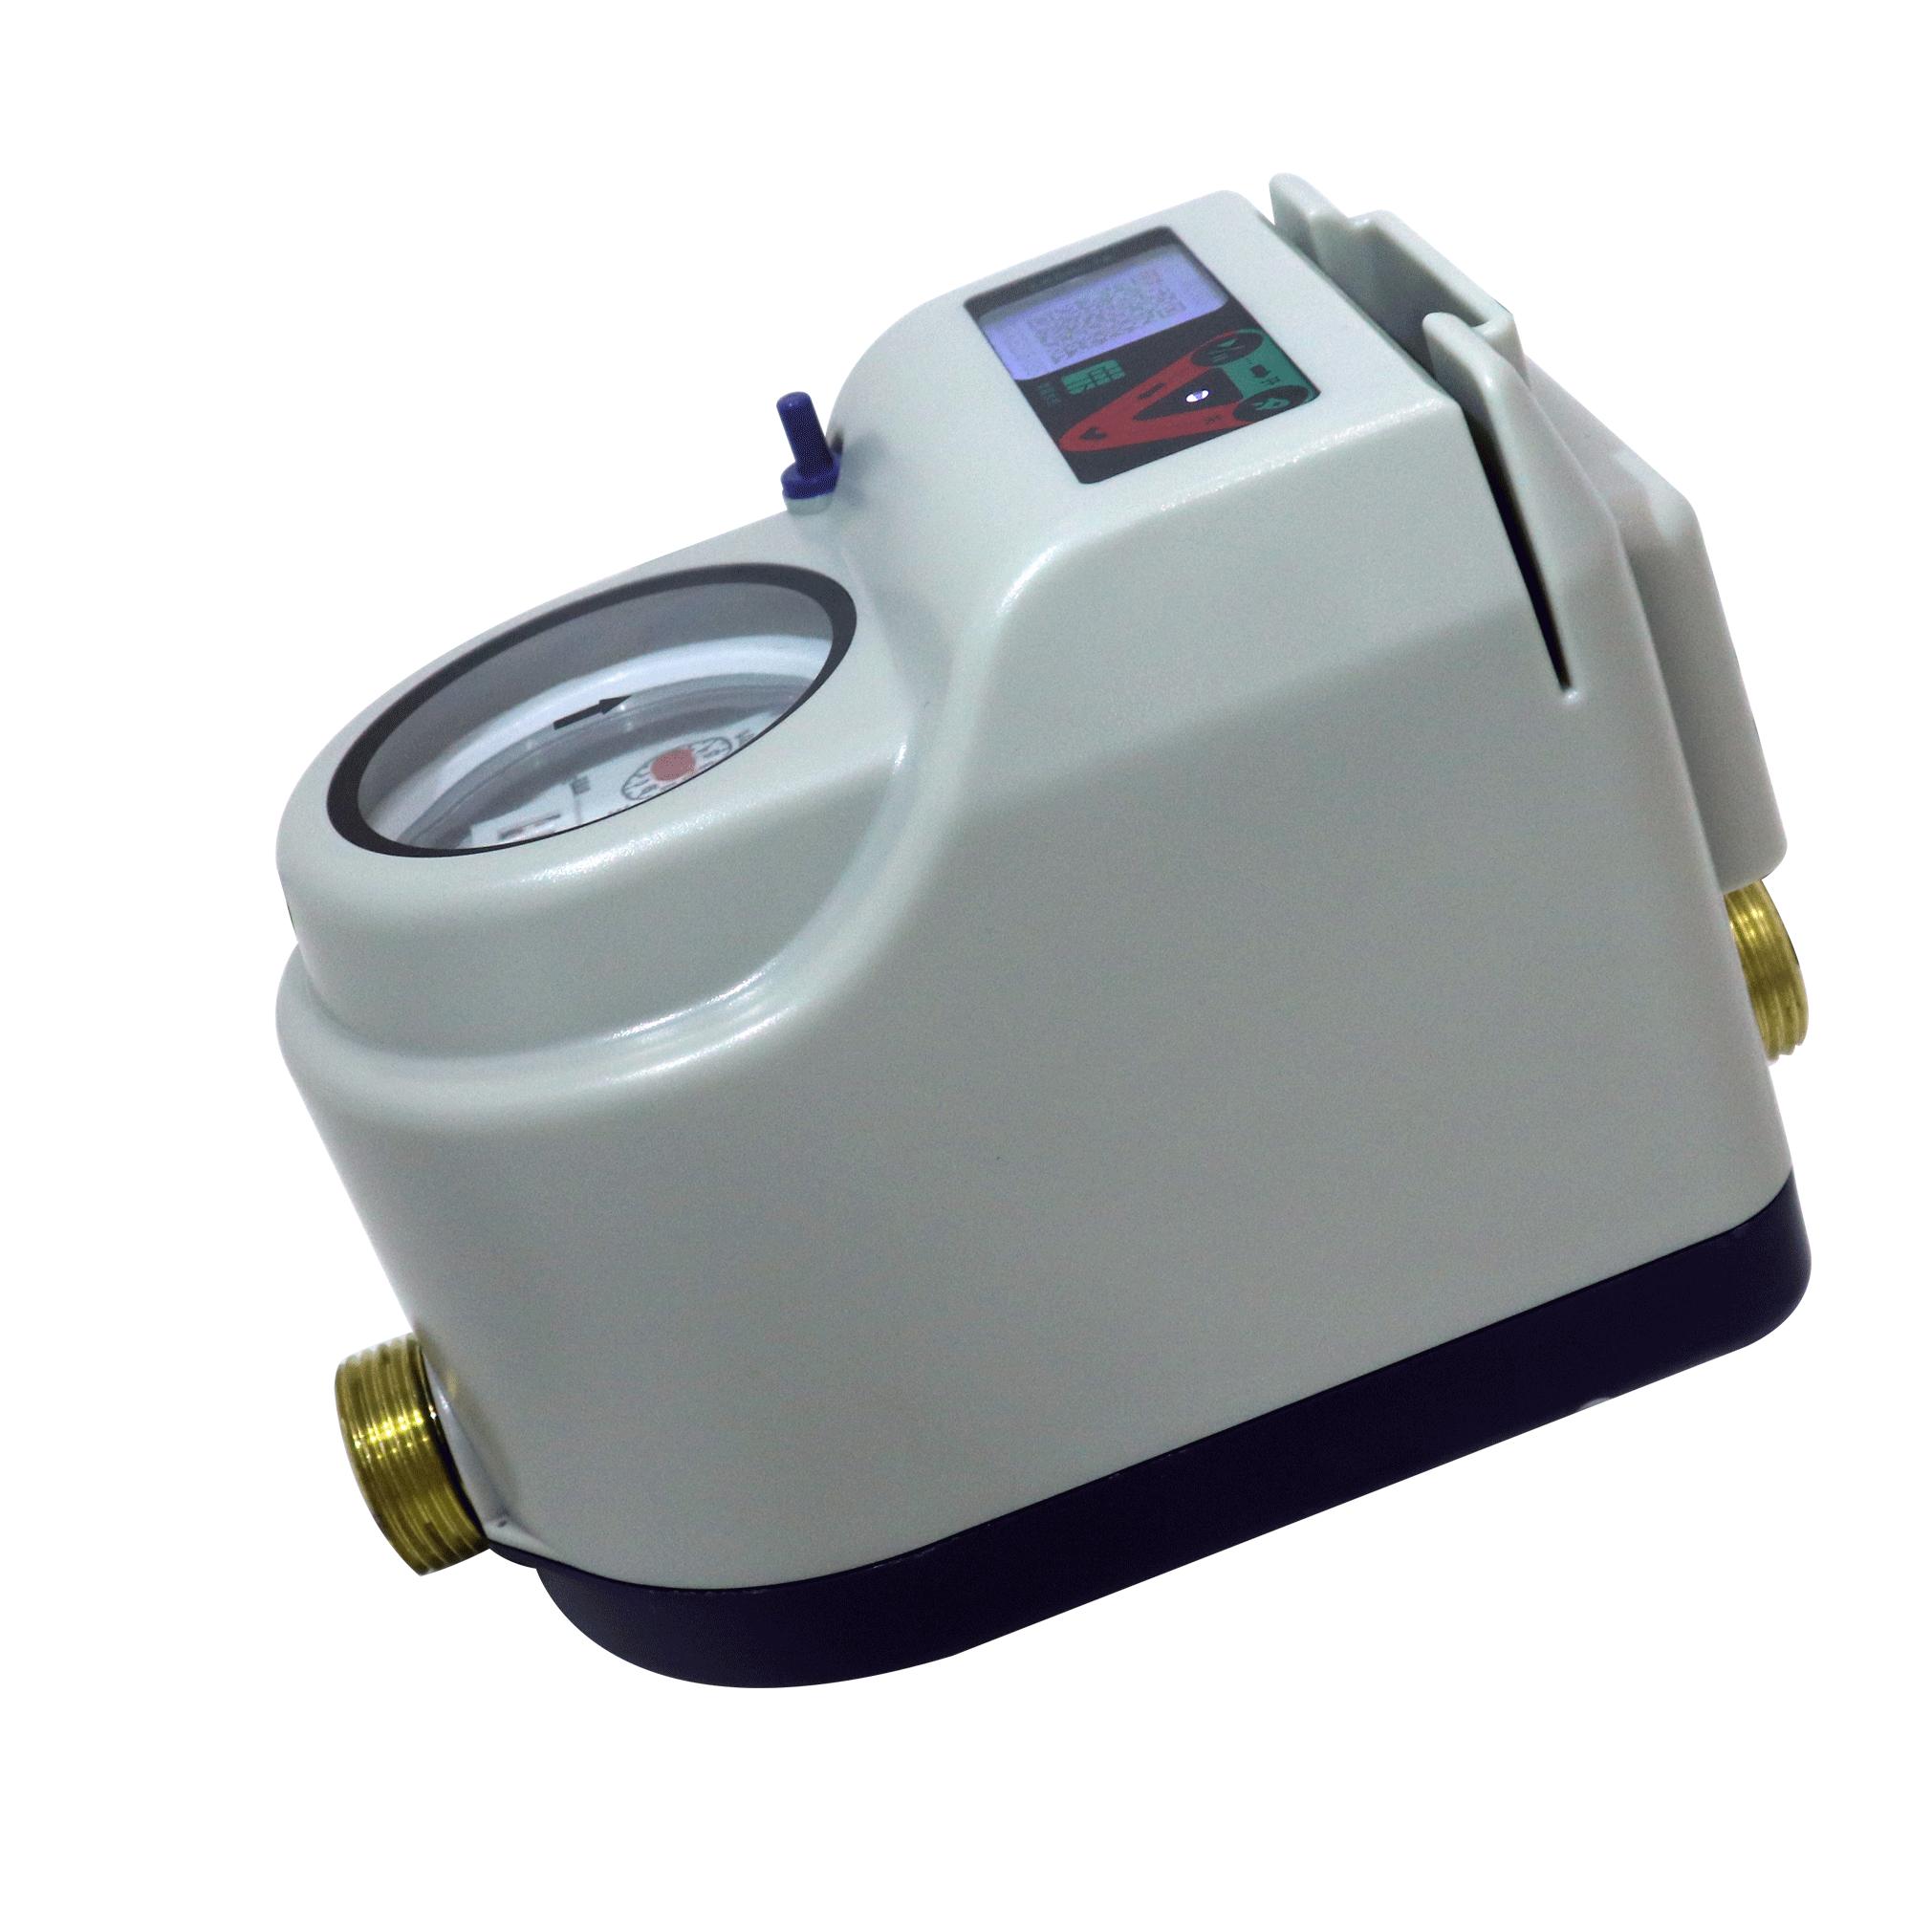 蓝牙+NB物联网智能水控机